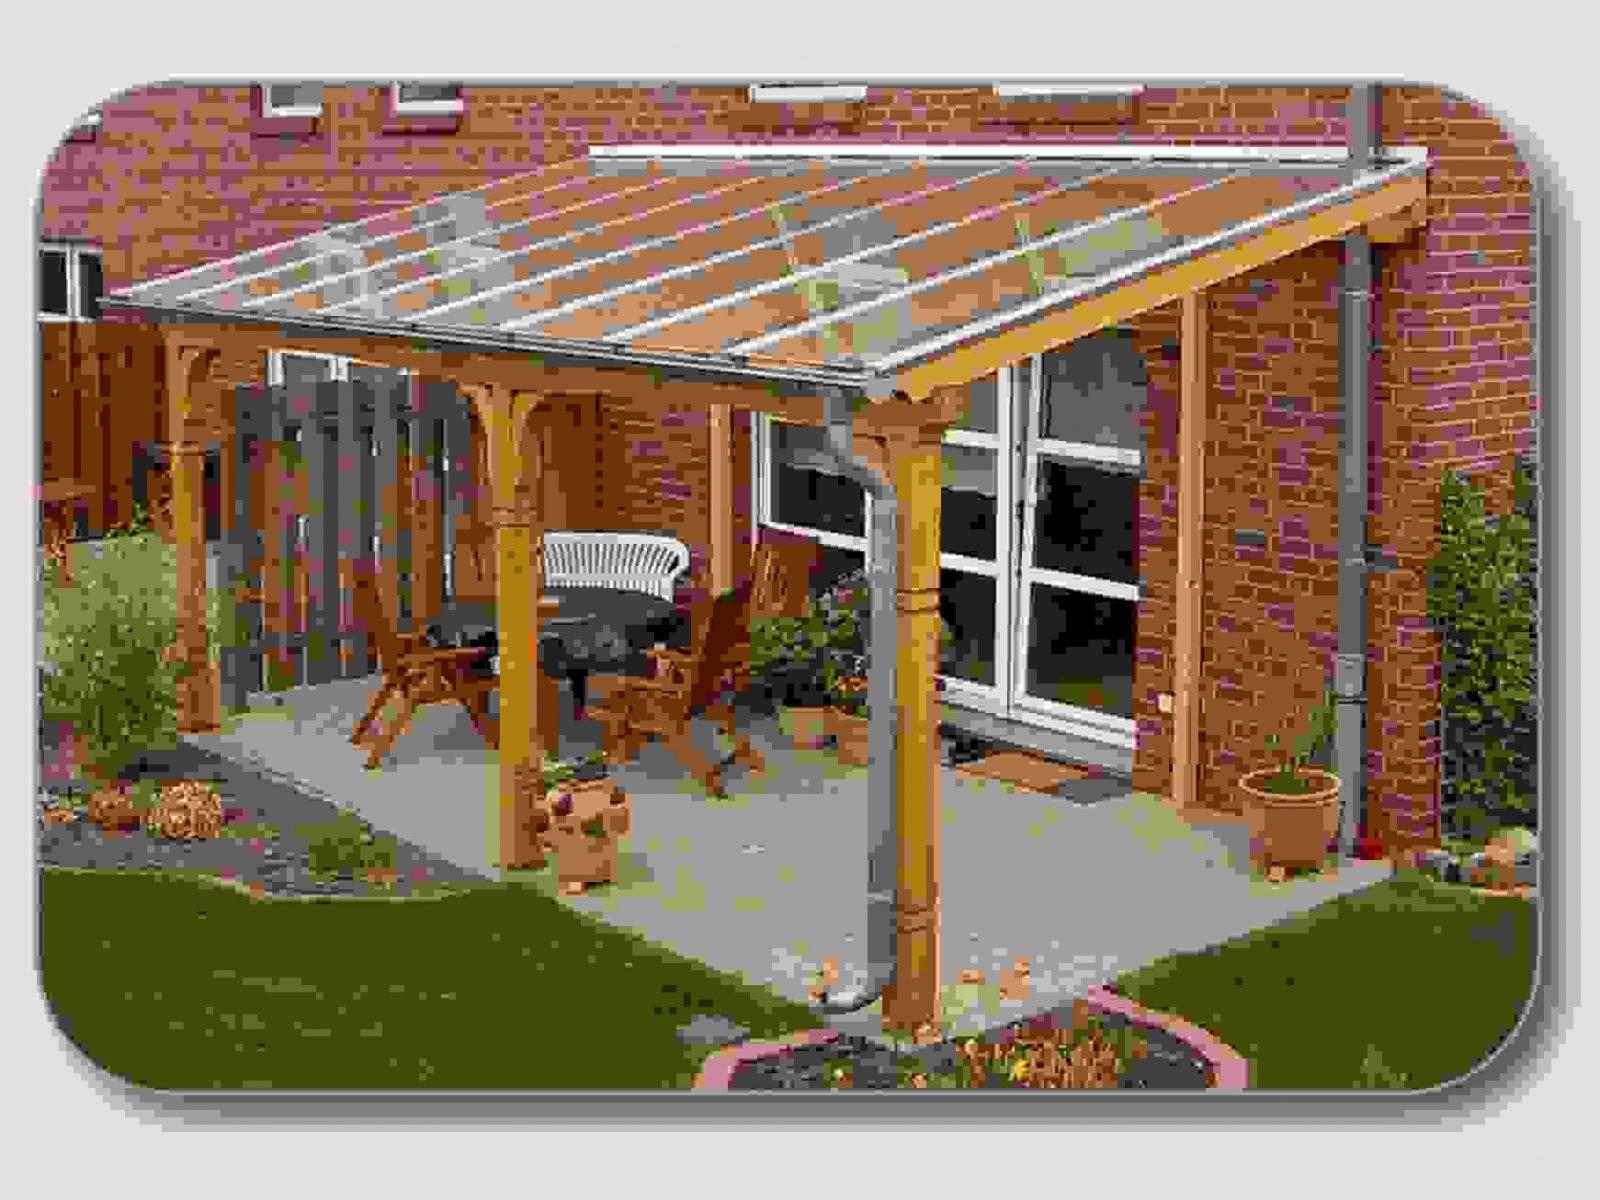 Überdachung Selber Bauen Nach Maß Von Holzon Ist Tolle Design Von von Freistehende Überdachung Selber Bauen Bild